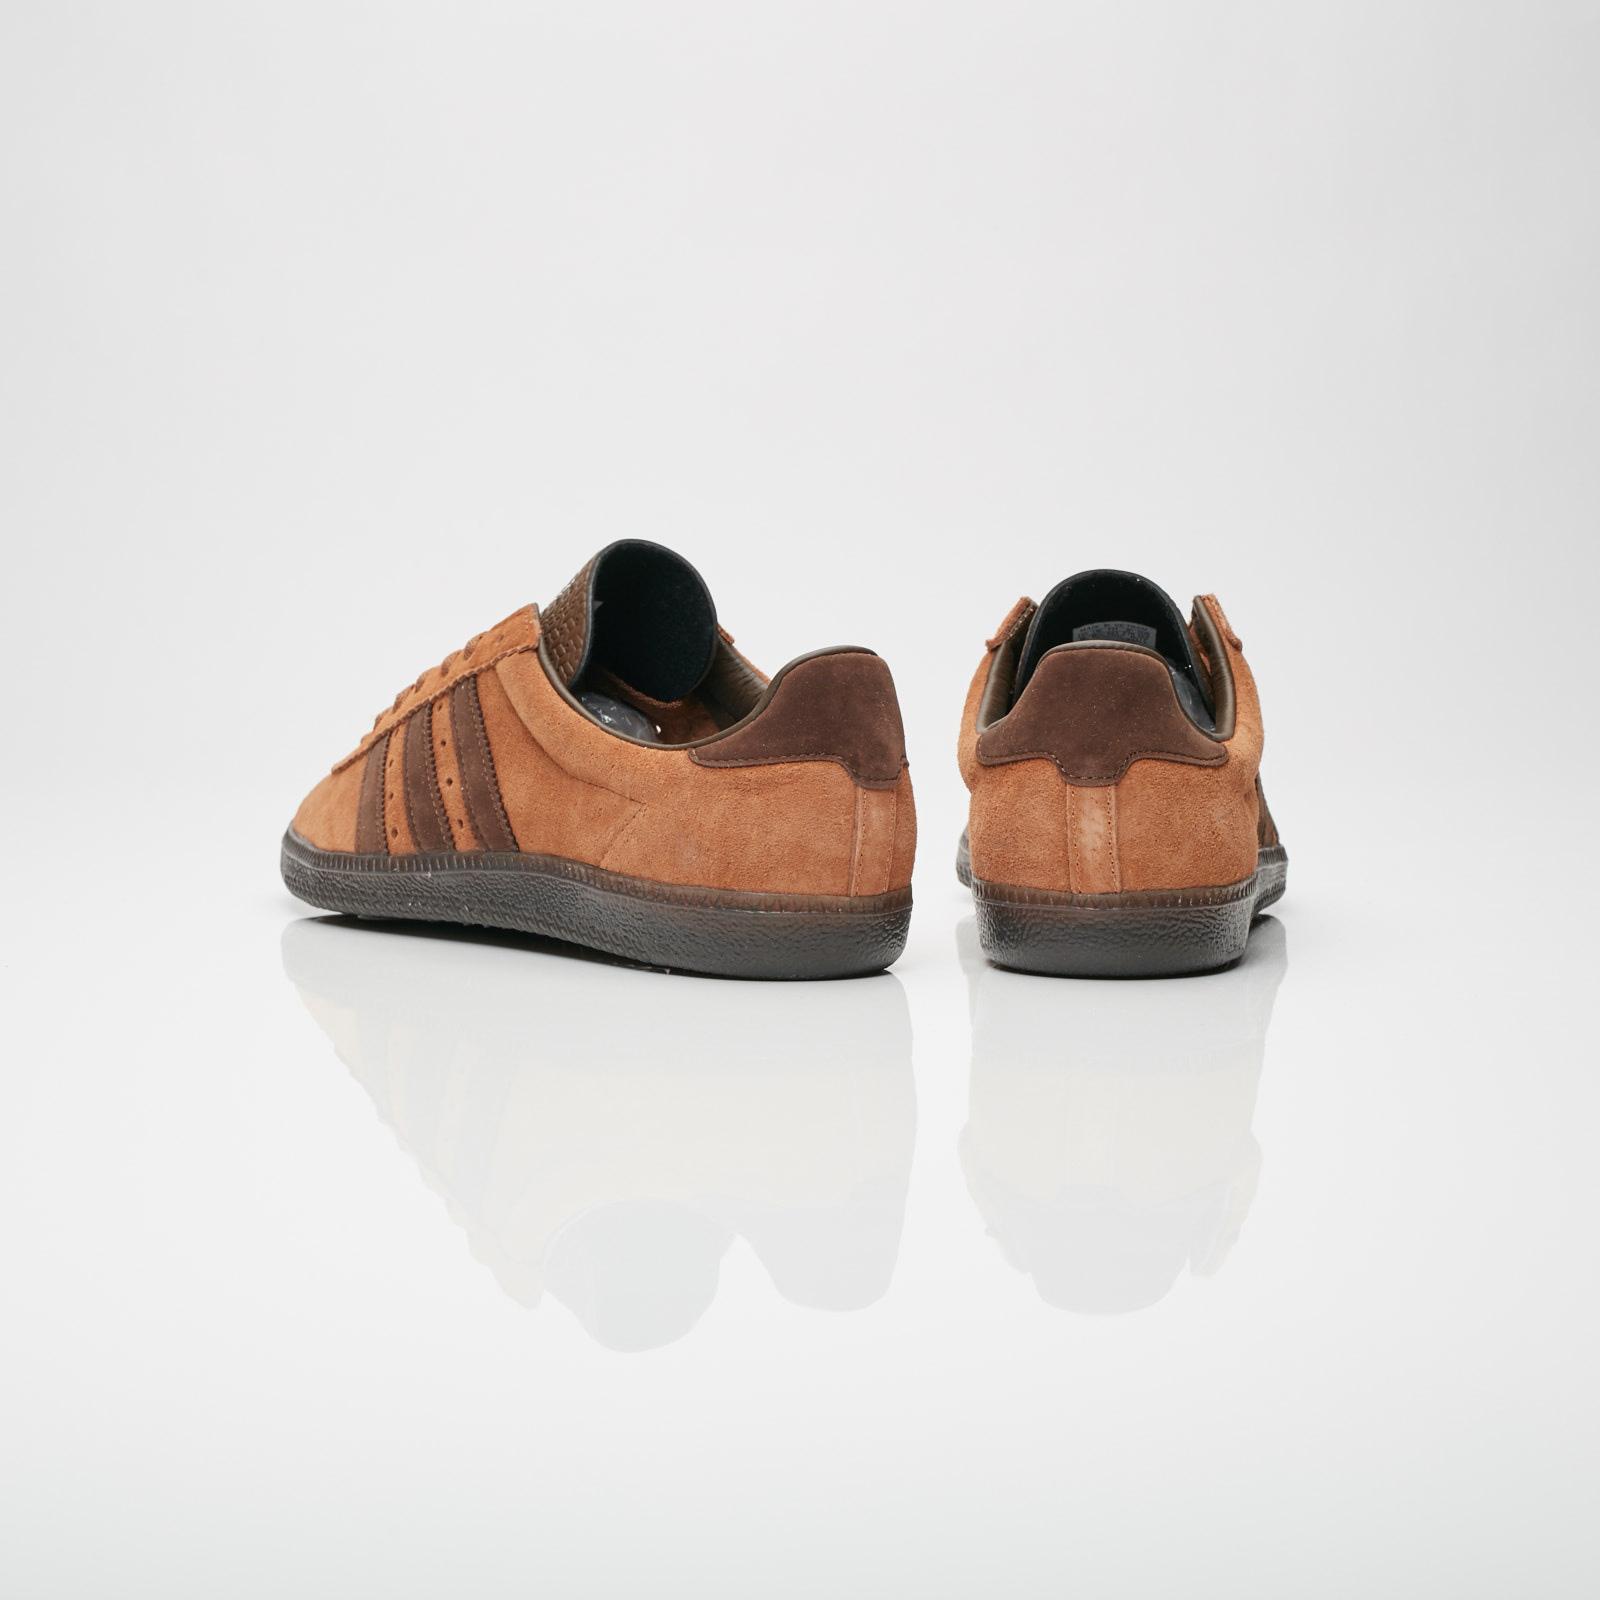 de714f2df736 adidas Originals Spezial Padiham adidas Originals Spezial Padiham ...